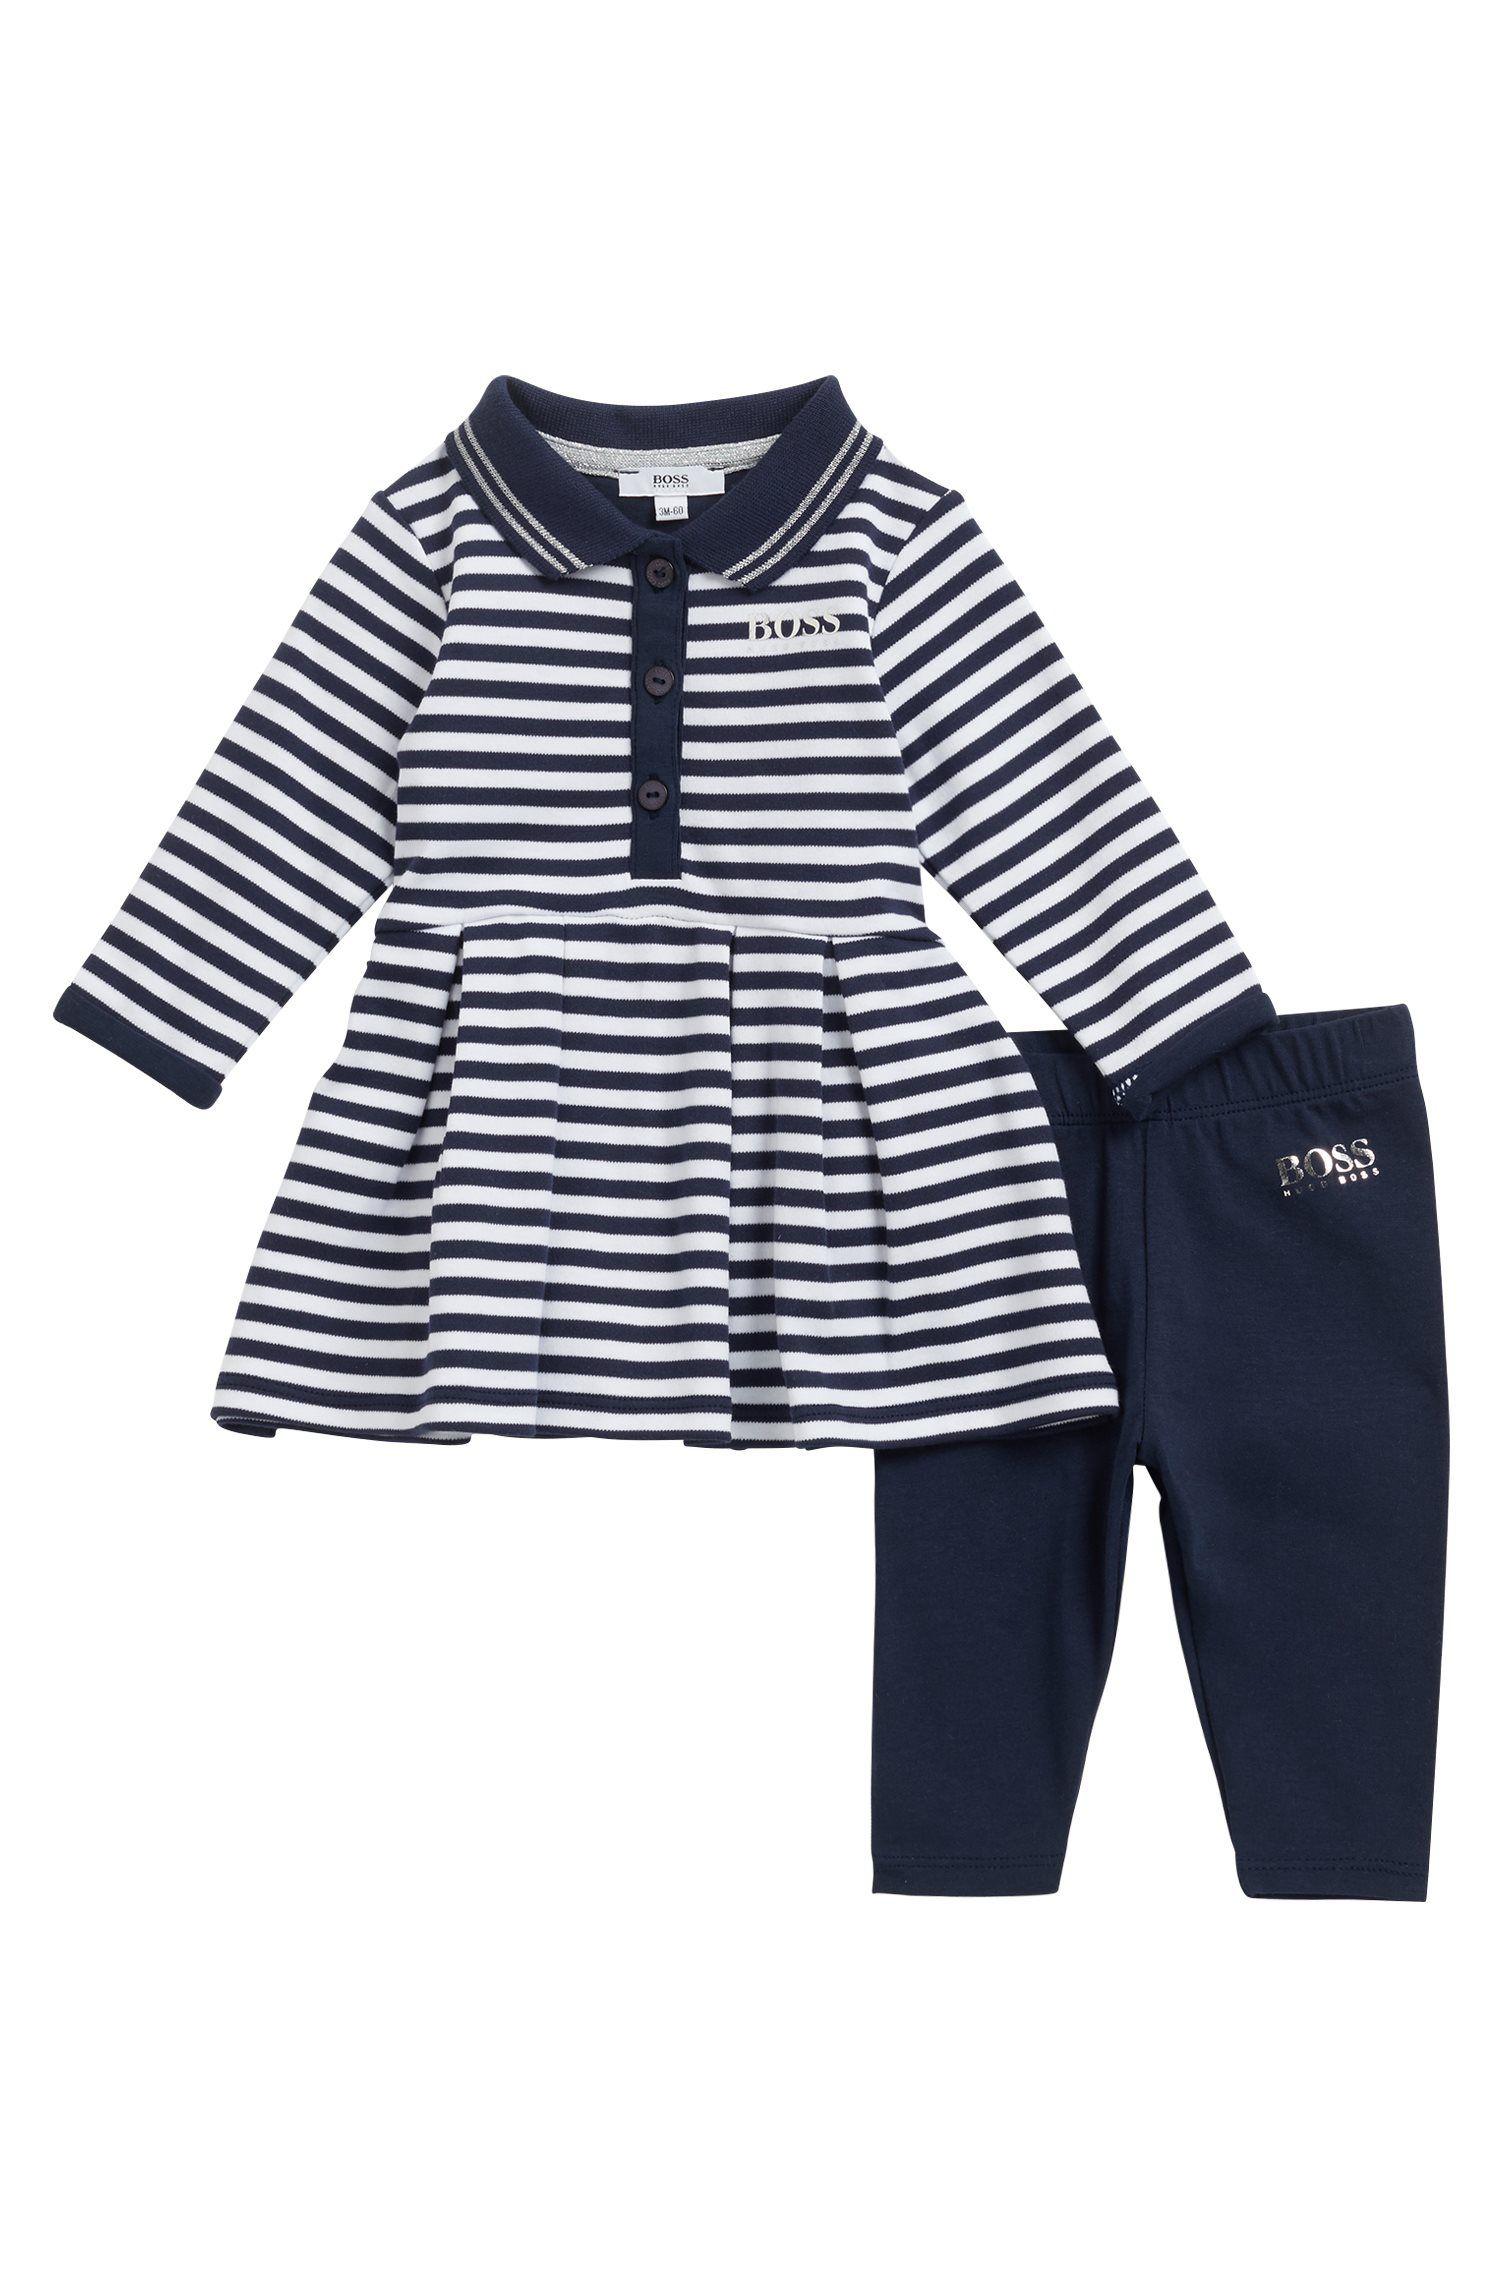 Coffret cadeau pour petite fille comprenant une robe polo à rayures et un legging, Bleu foncé